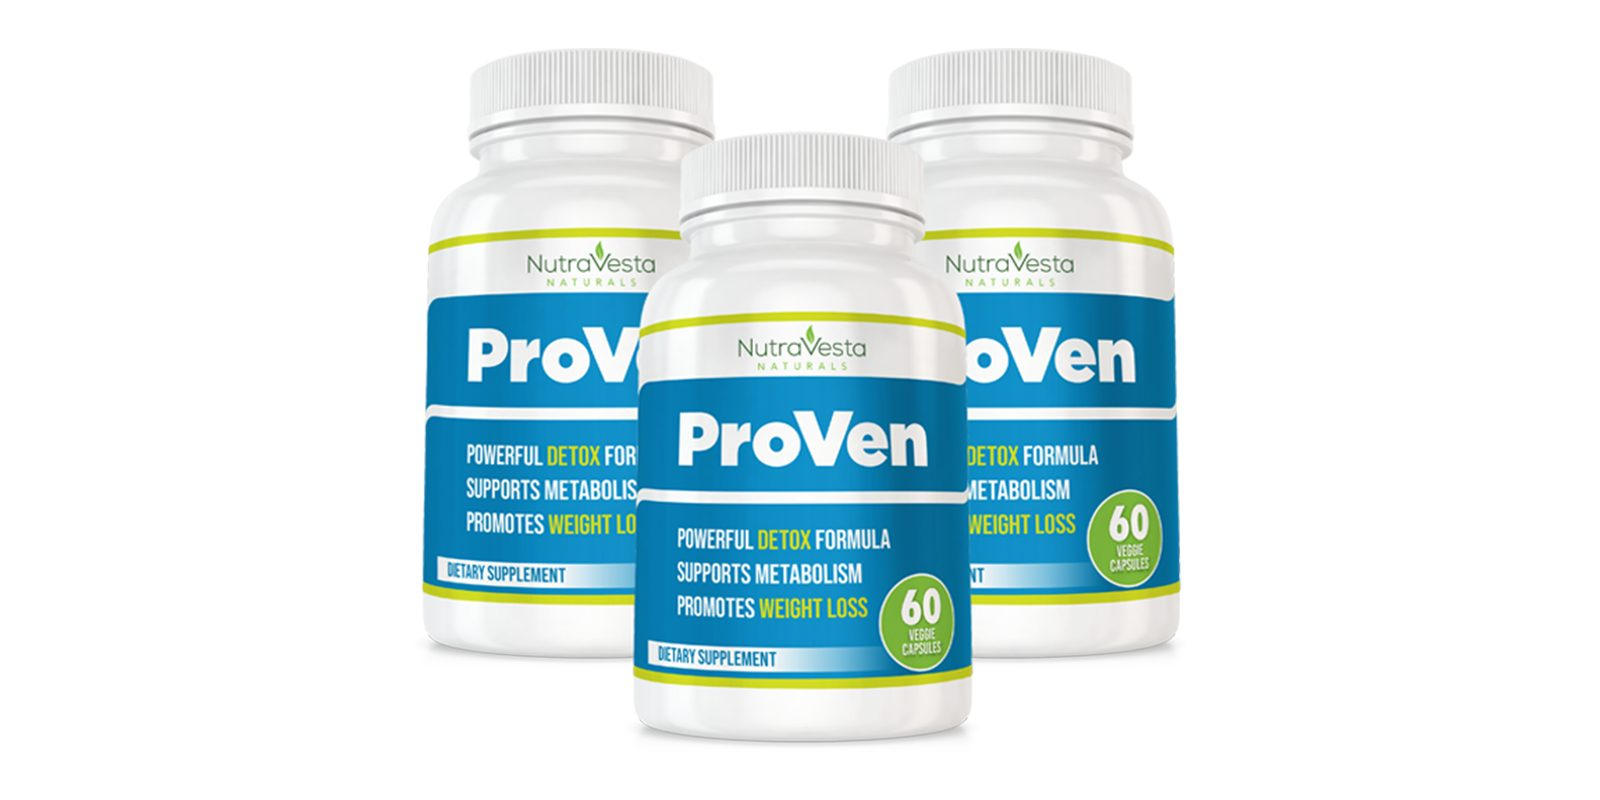 Proven-Plus-Reviews